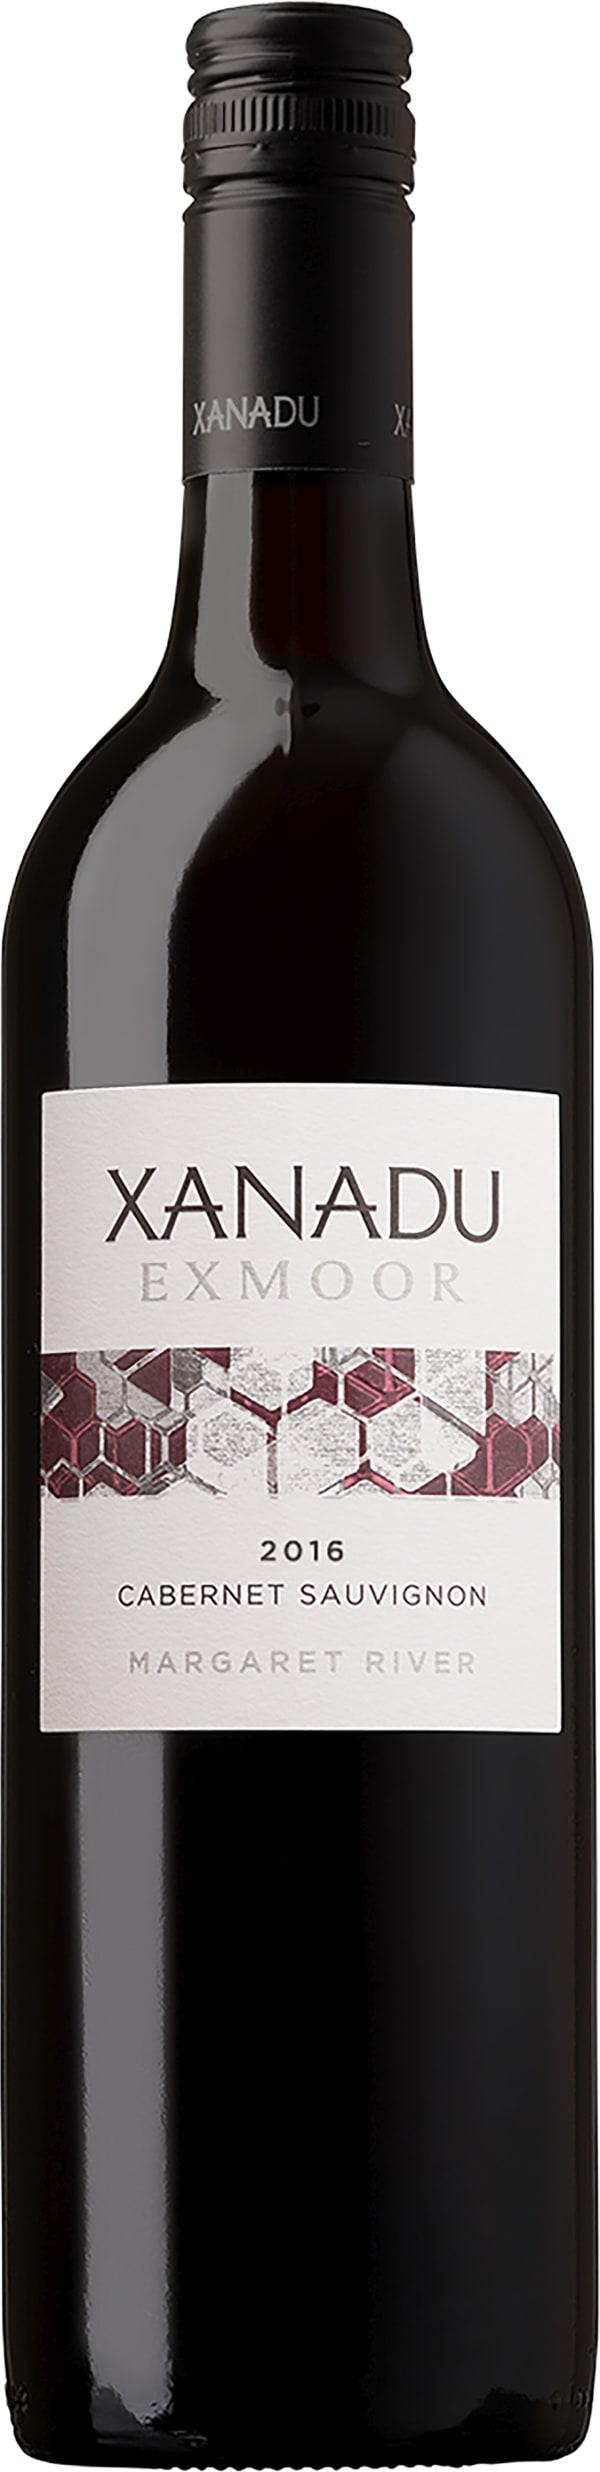 Xanadu Exmoor Cabernet Sauvignon 2016